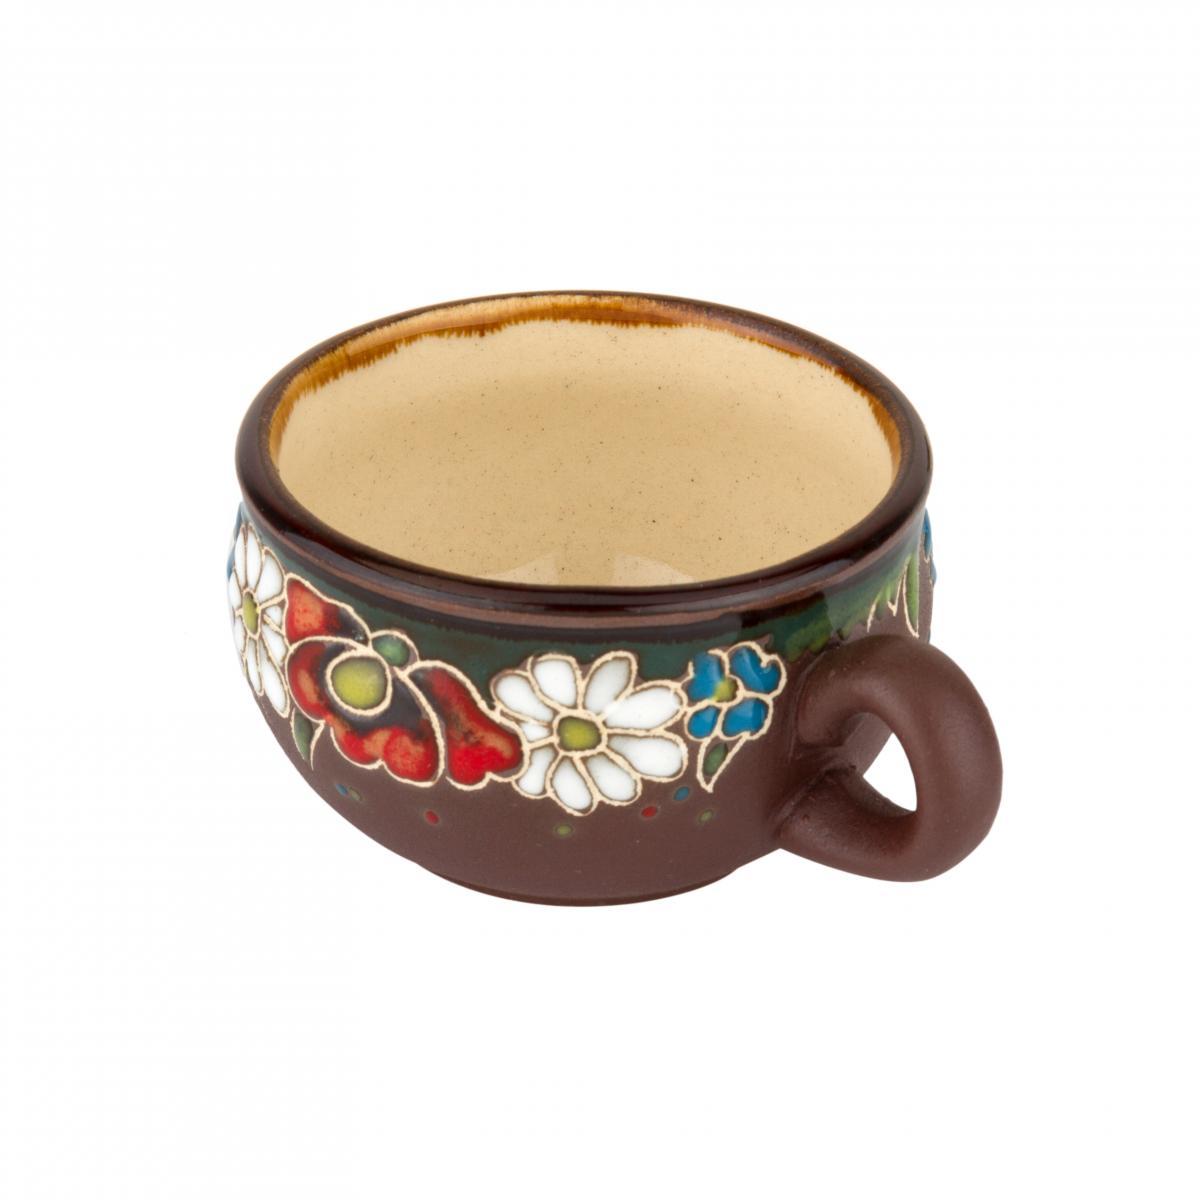 Кофейная чашка – 120 мл. Фото №2. | Народный дом Украина